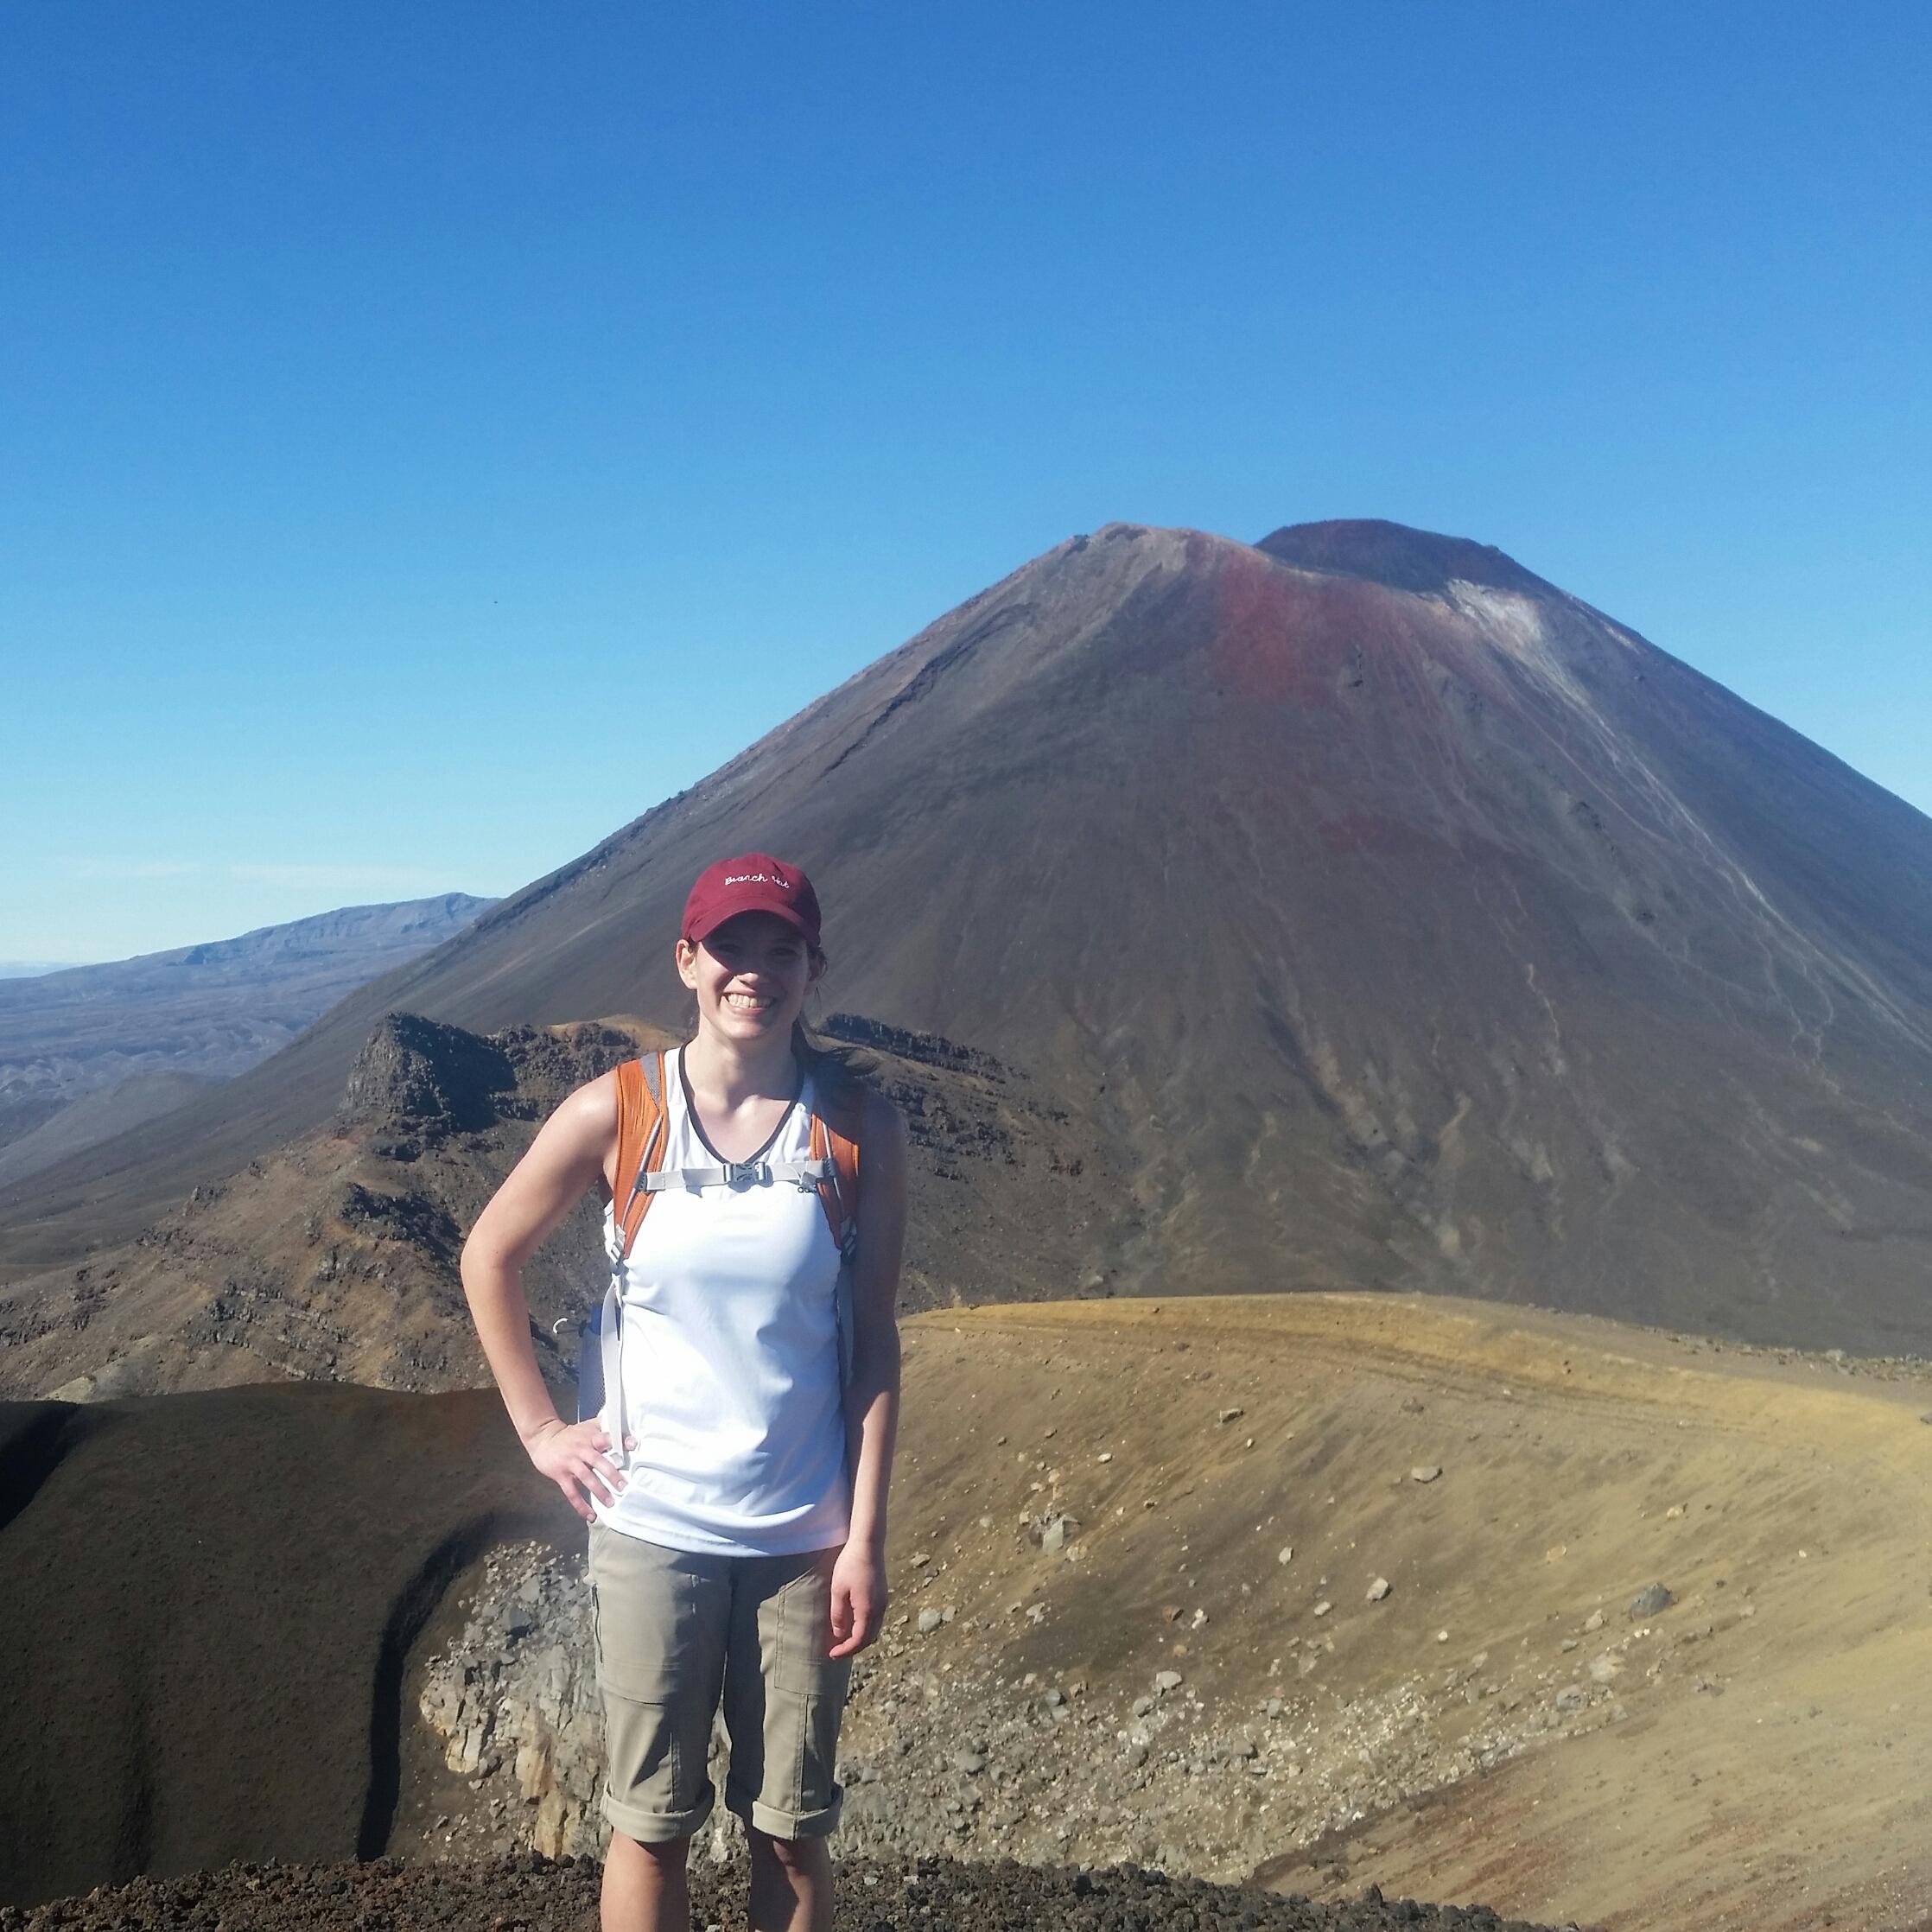 Sam in New Zealand in front of Mt. Doom.